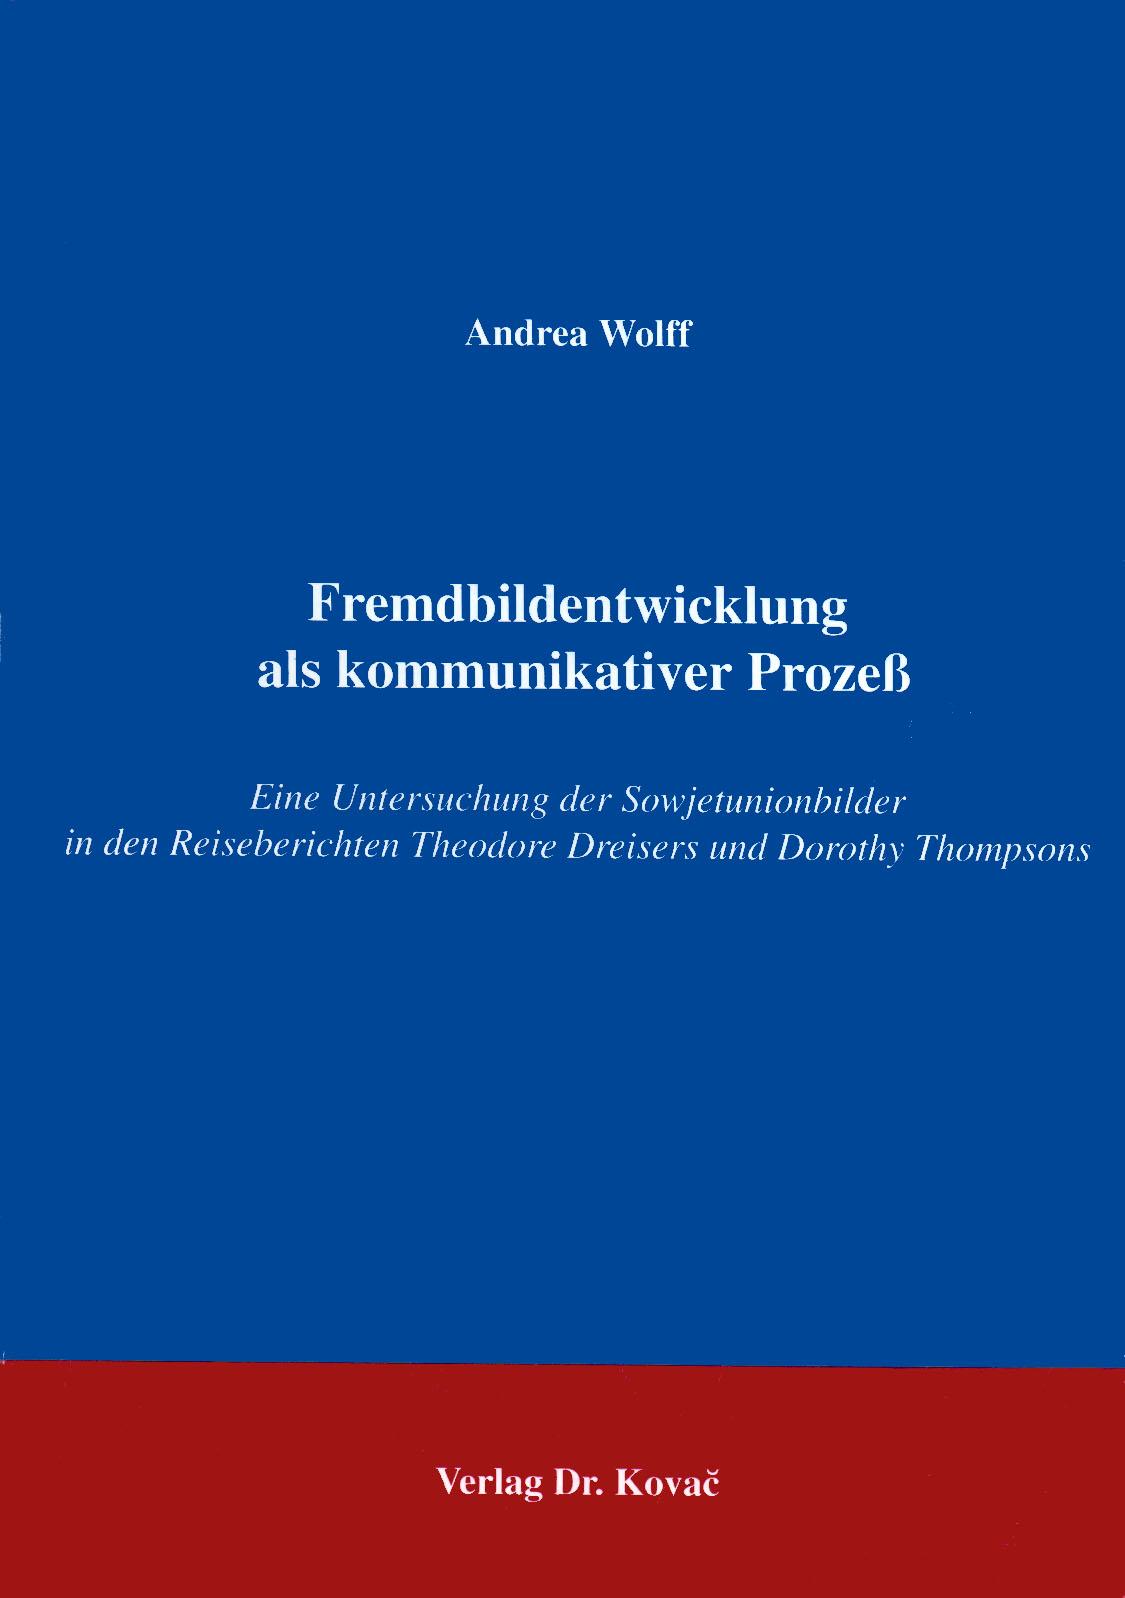 Cover: Fremdbildentwicklung als kommunikativer Prozeß